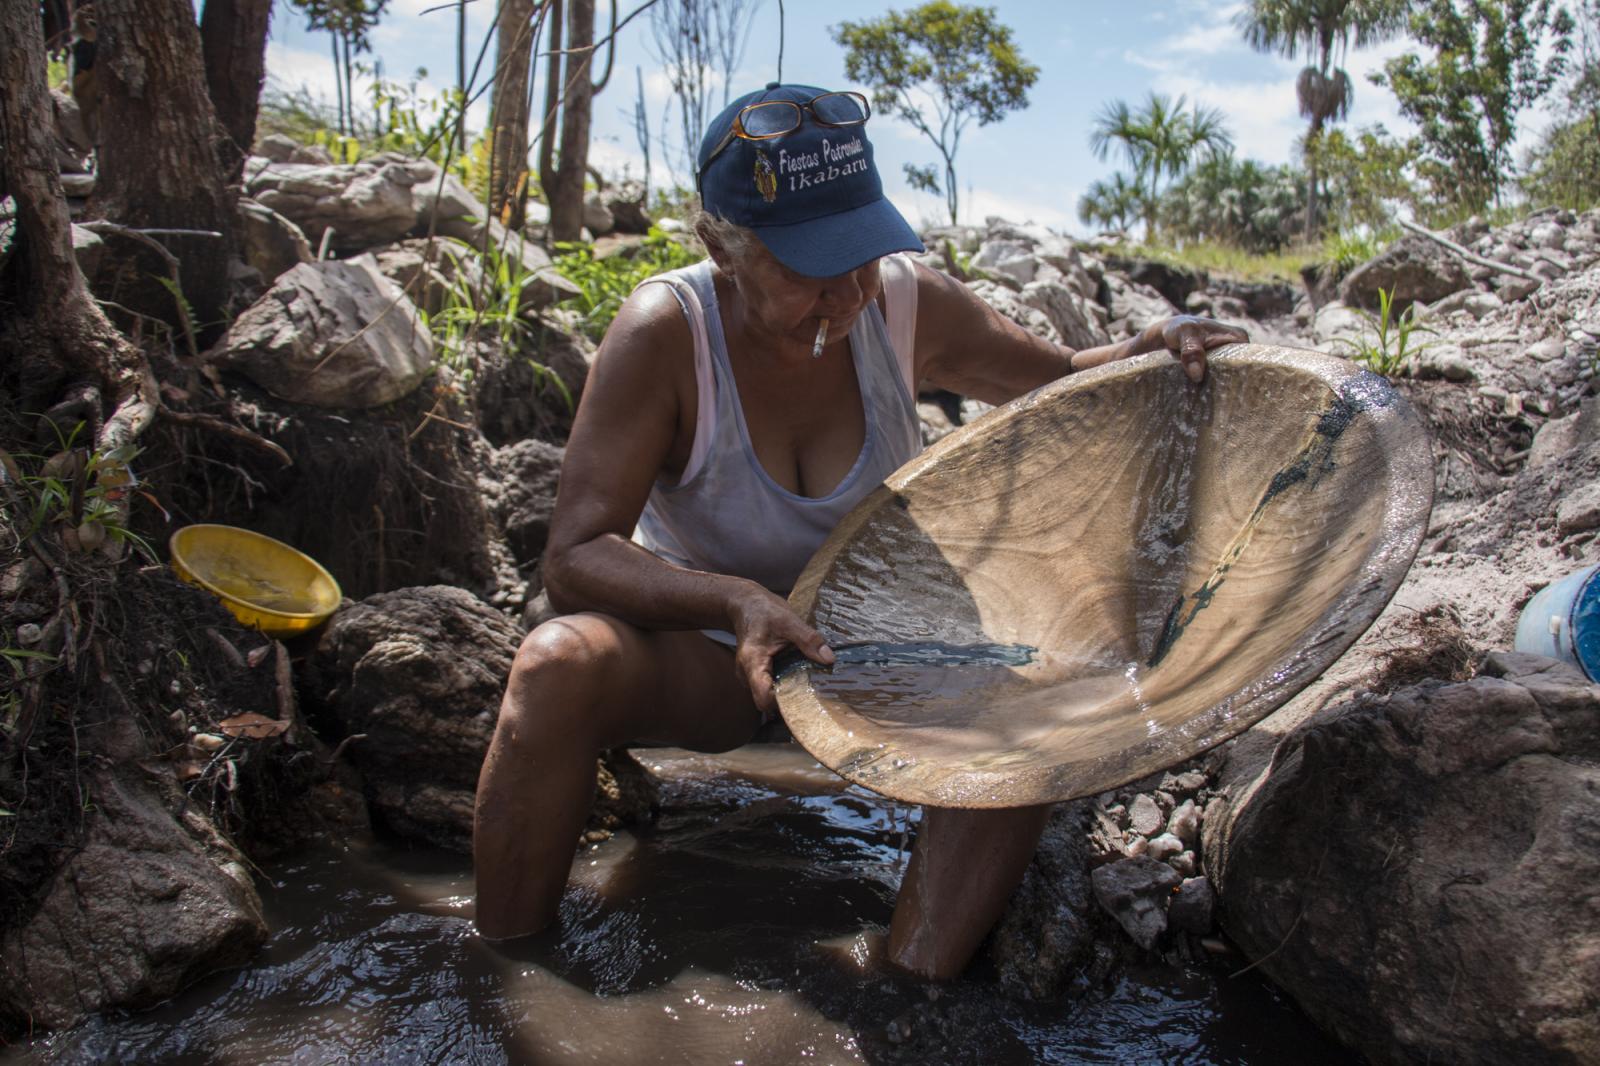 Luisa Girón, una minera de 62 años, busca oro con su batea en una veta en Ikabarú, estado Bolívar, el 4 de junio de 2016. Luisa estudió y vivió en Caracas por muchos años, pero regresó a su pueblo natal y se dedicó a ser palera, nombre que se le da las mujeres dedicadas a la minería artesanal. Tiene dos hijas, una en Tenerife, España, y la otra en El Callao, un pueblo a 195 kilómetros. Luisa es de una familia de 14 hermanos en la que todos son mineros.